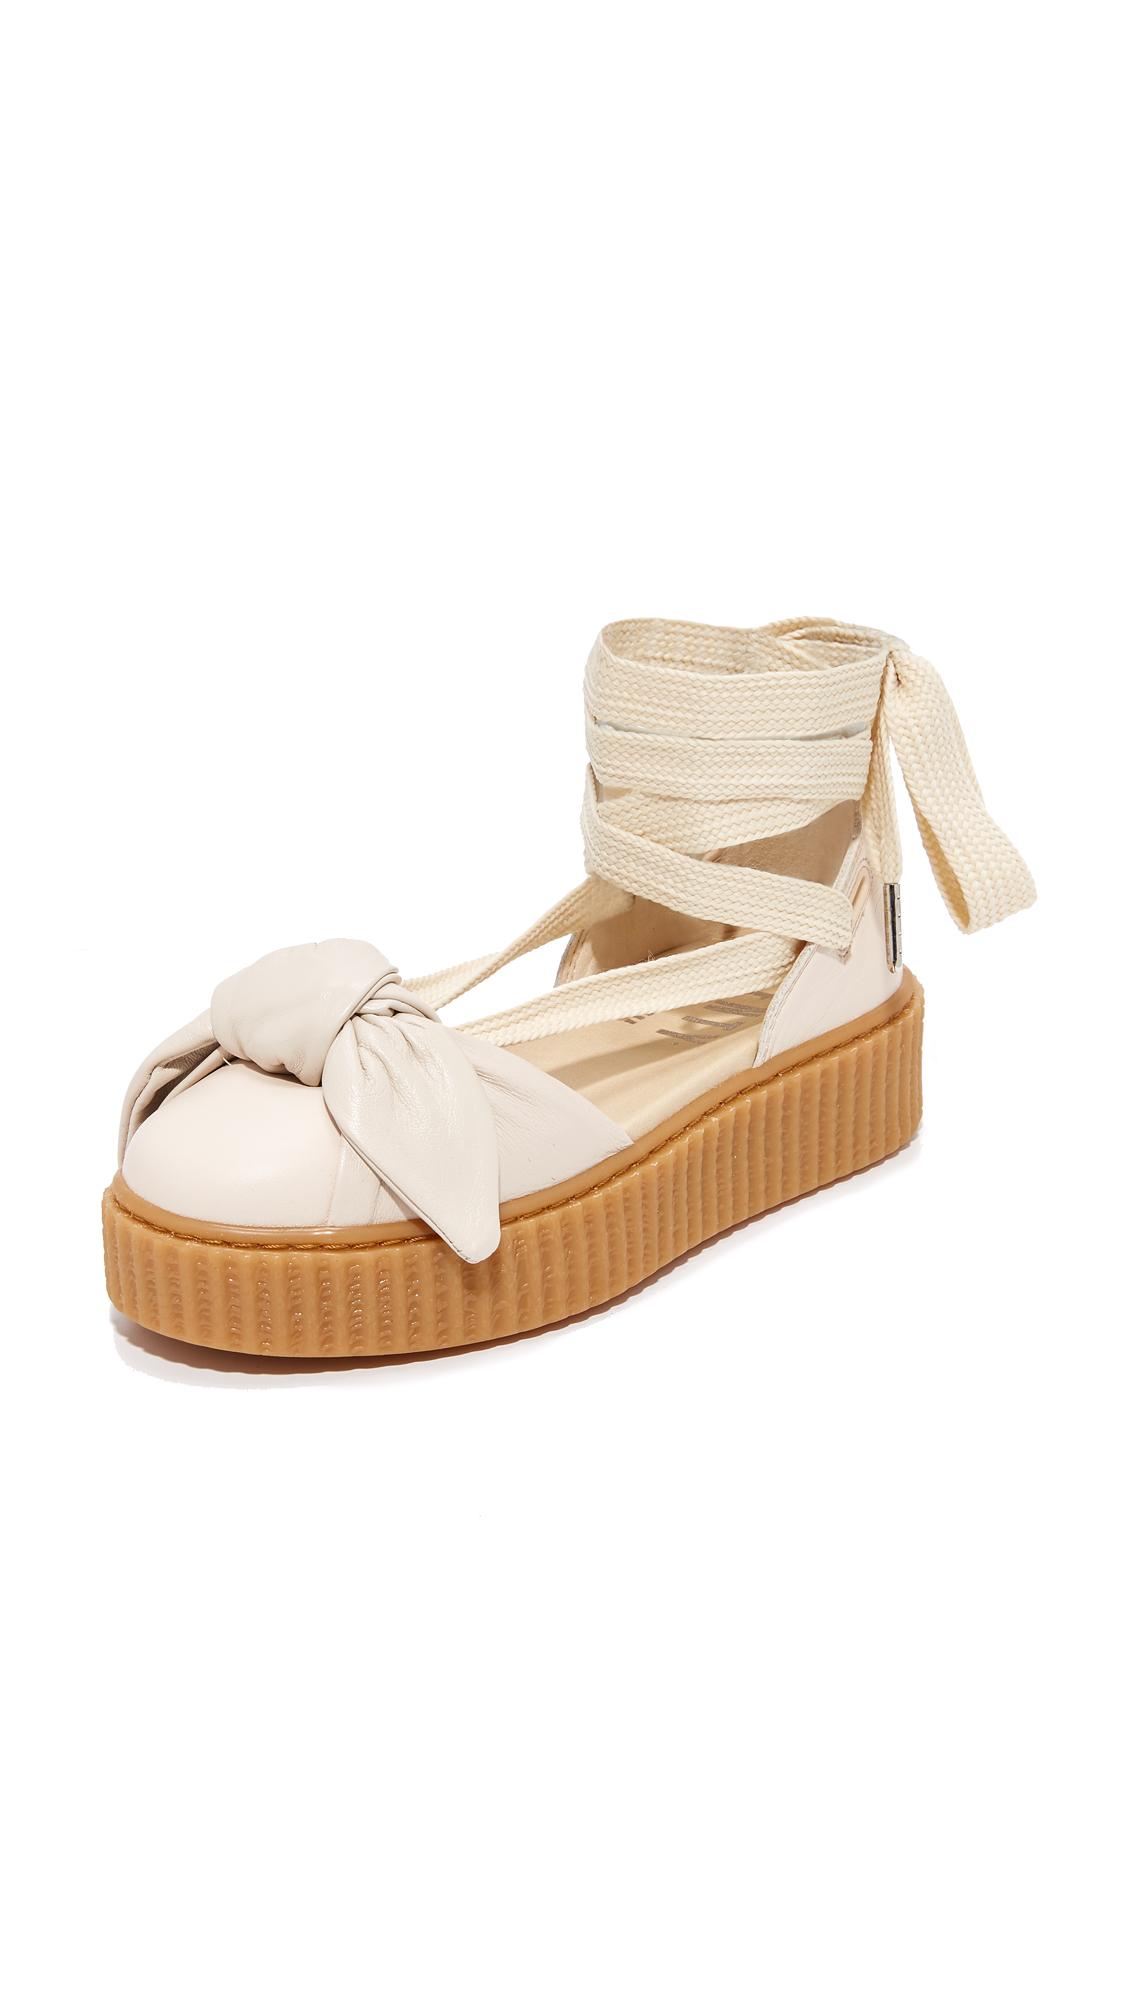 brand new b1fea 16543 PUMA FENTY x PUMA Bow Creeper Sandals | SHOPBOP